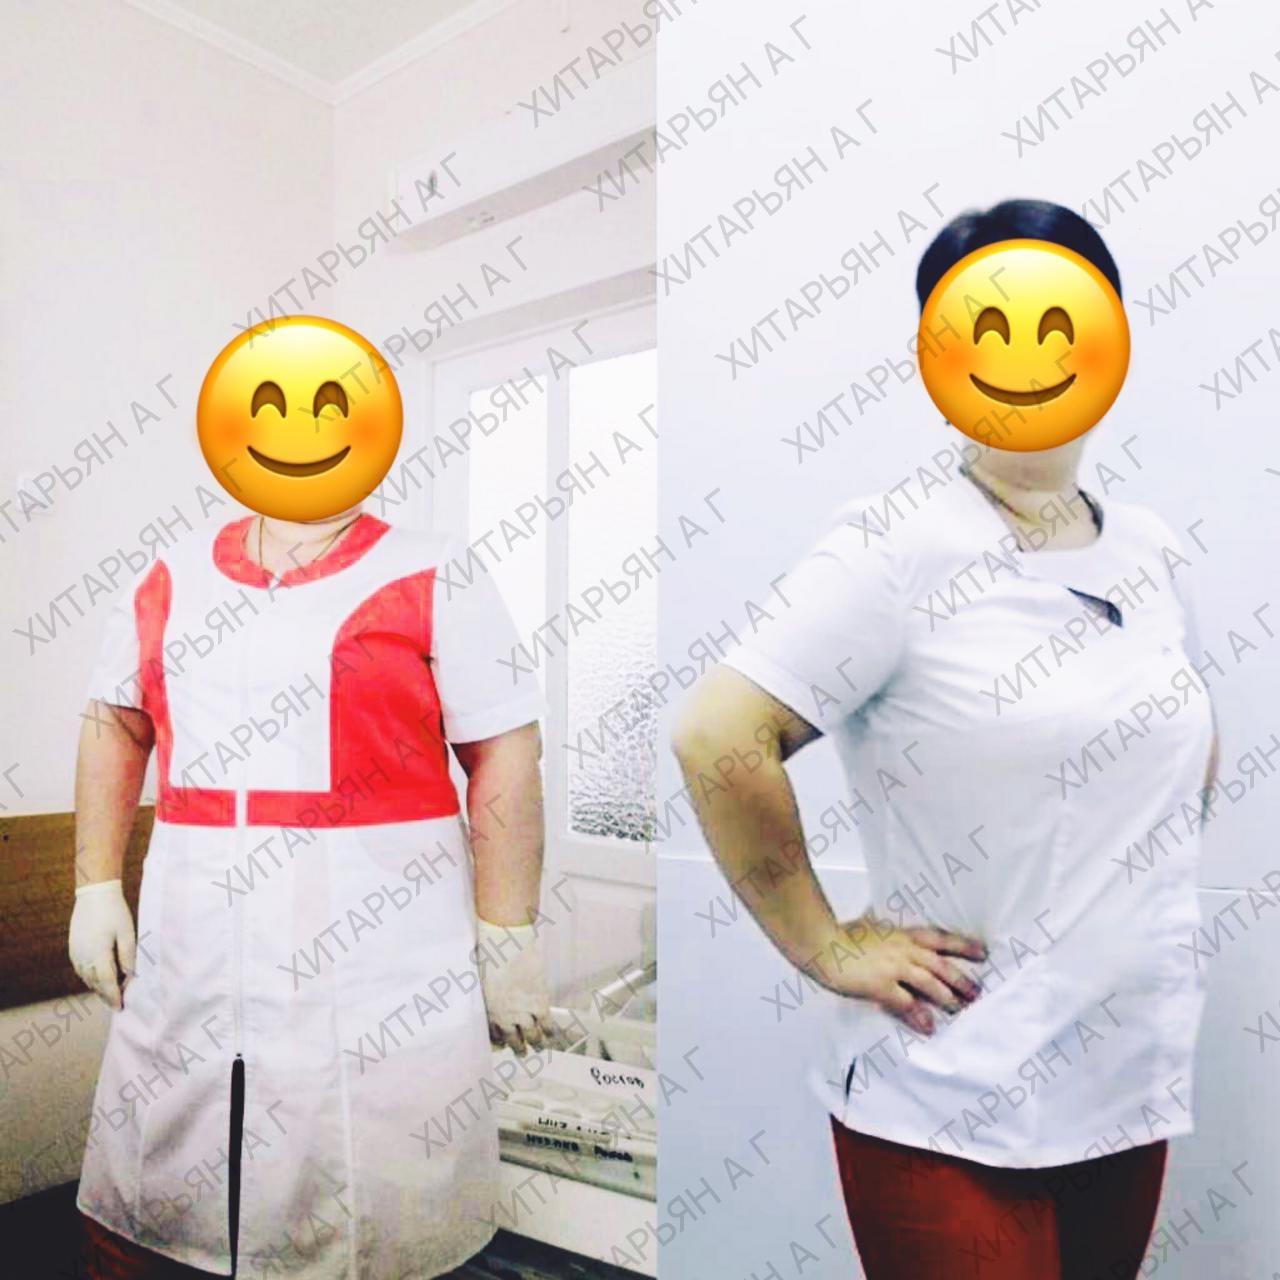 А вот и наша прекрасная бариатрическая пациентка с эффектным результатом 👉  -40 кг за 7 месяцев! 🙌